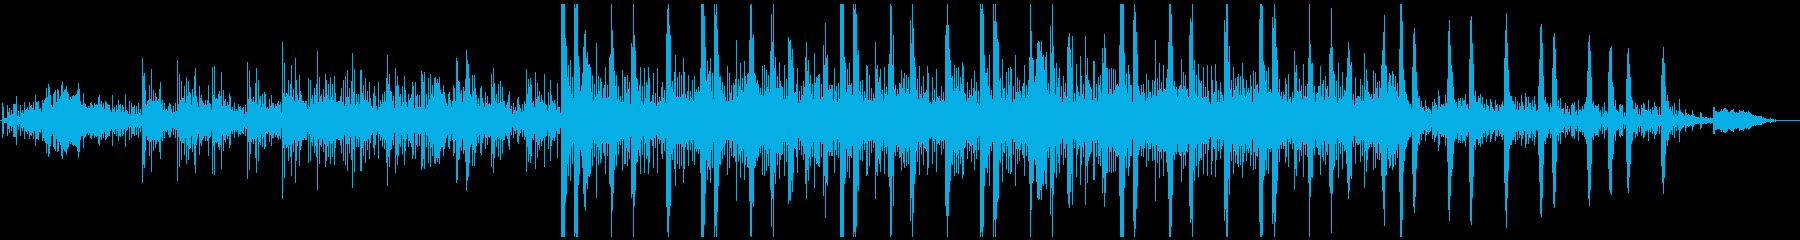 神秘的で独特なリズムのメロディーの再生済みの波形